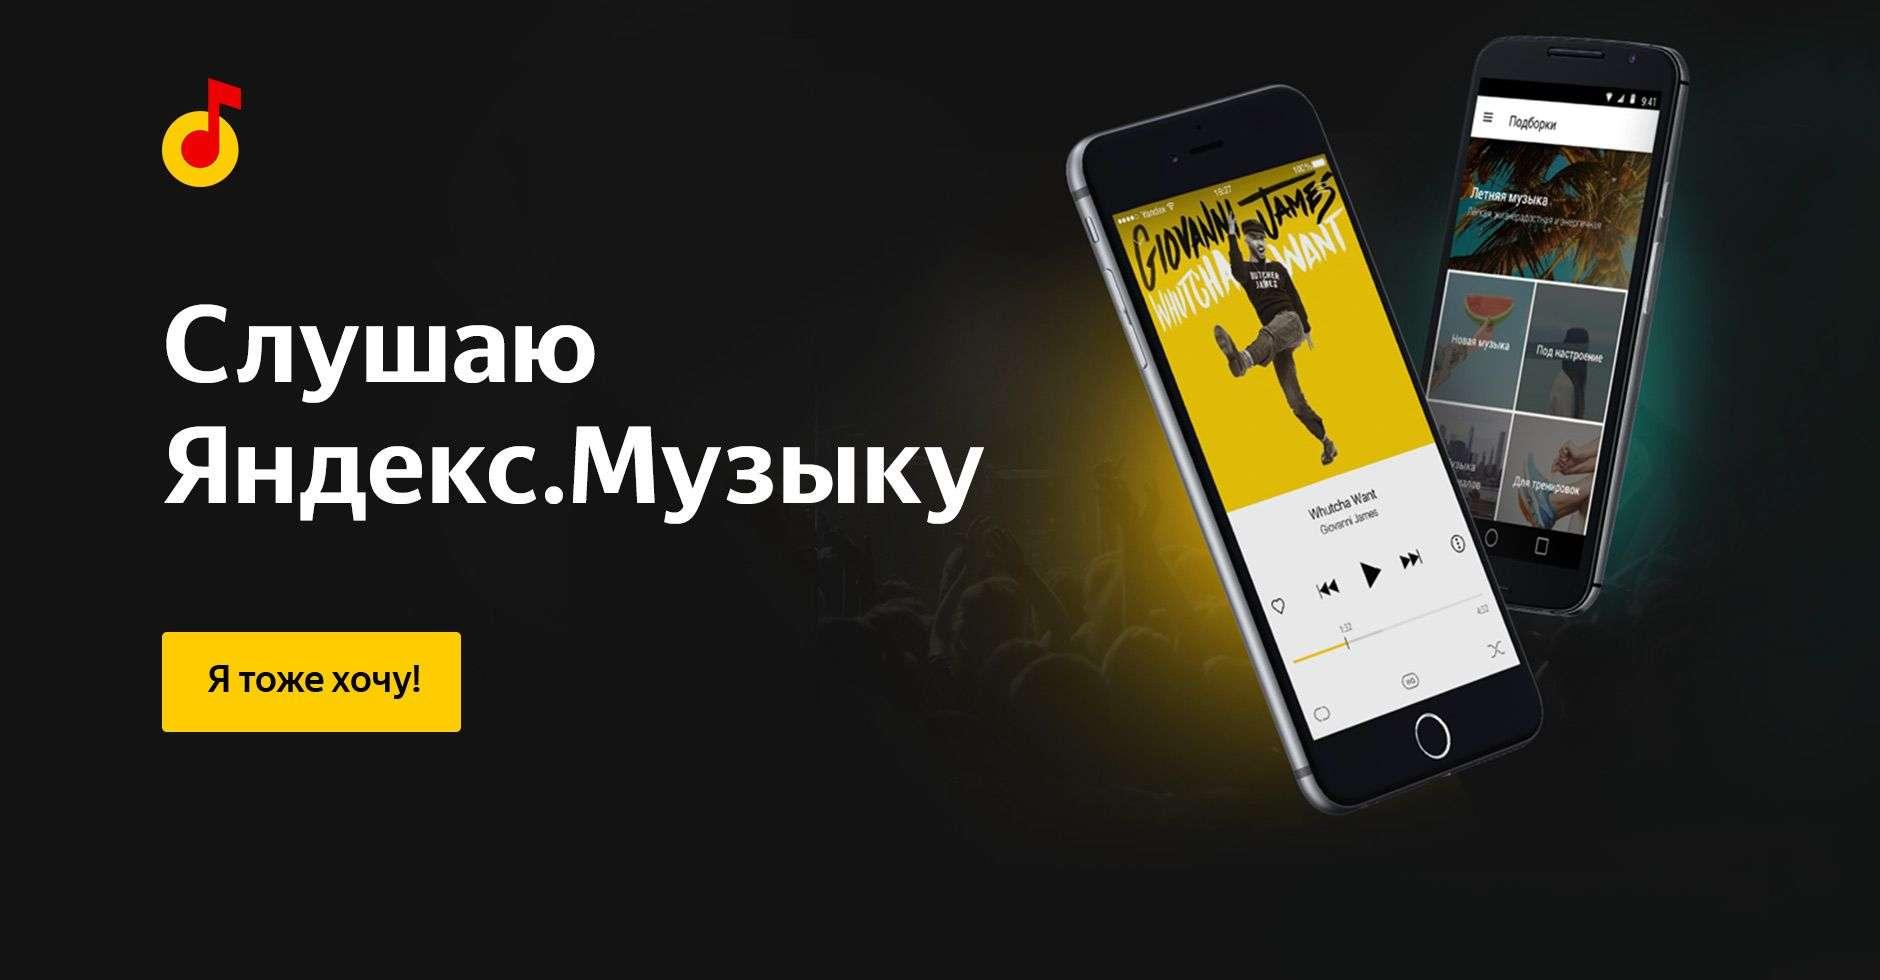 Как заработать в интернете слушая музыку в яндекс музыке как заработать деньги в интернете от 200 до 500 рублей в день на ставках